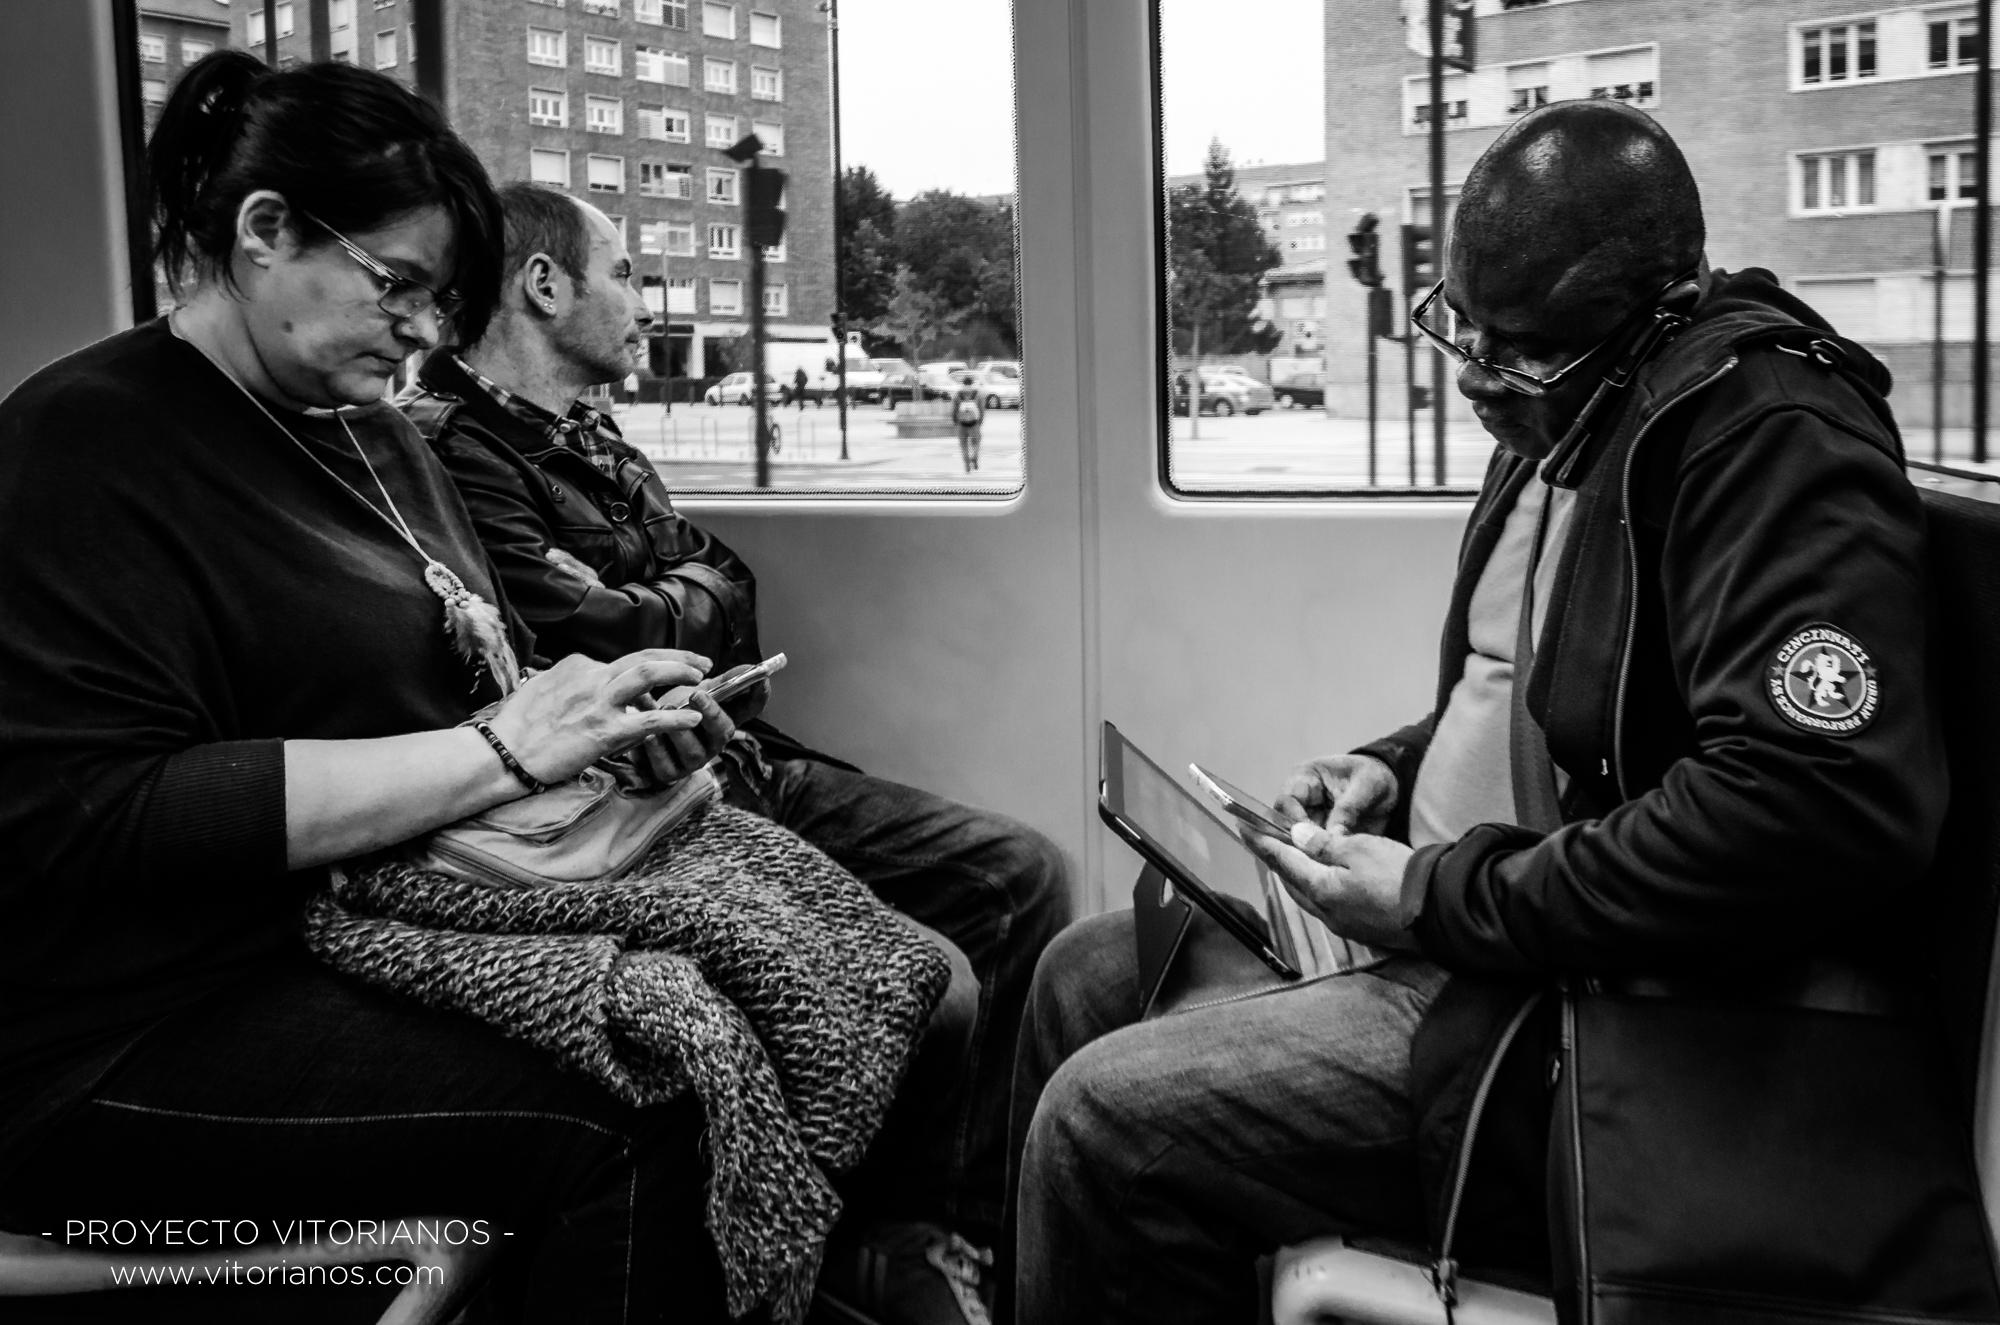 Vitorianos en el tranvía - Foto: Sara Ruiz de Austri